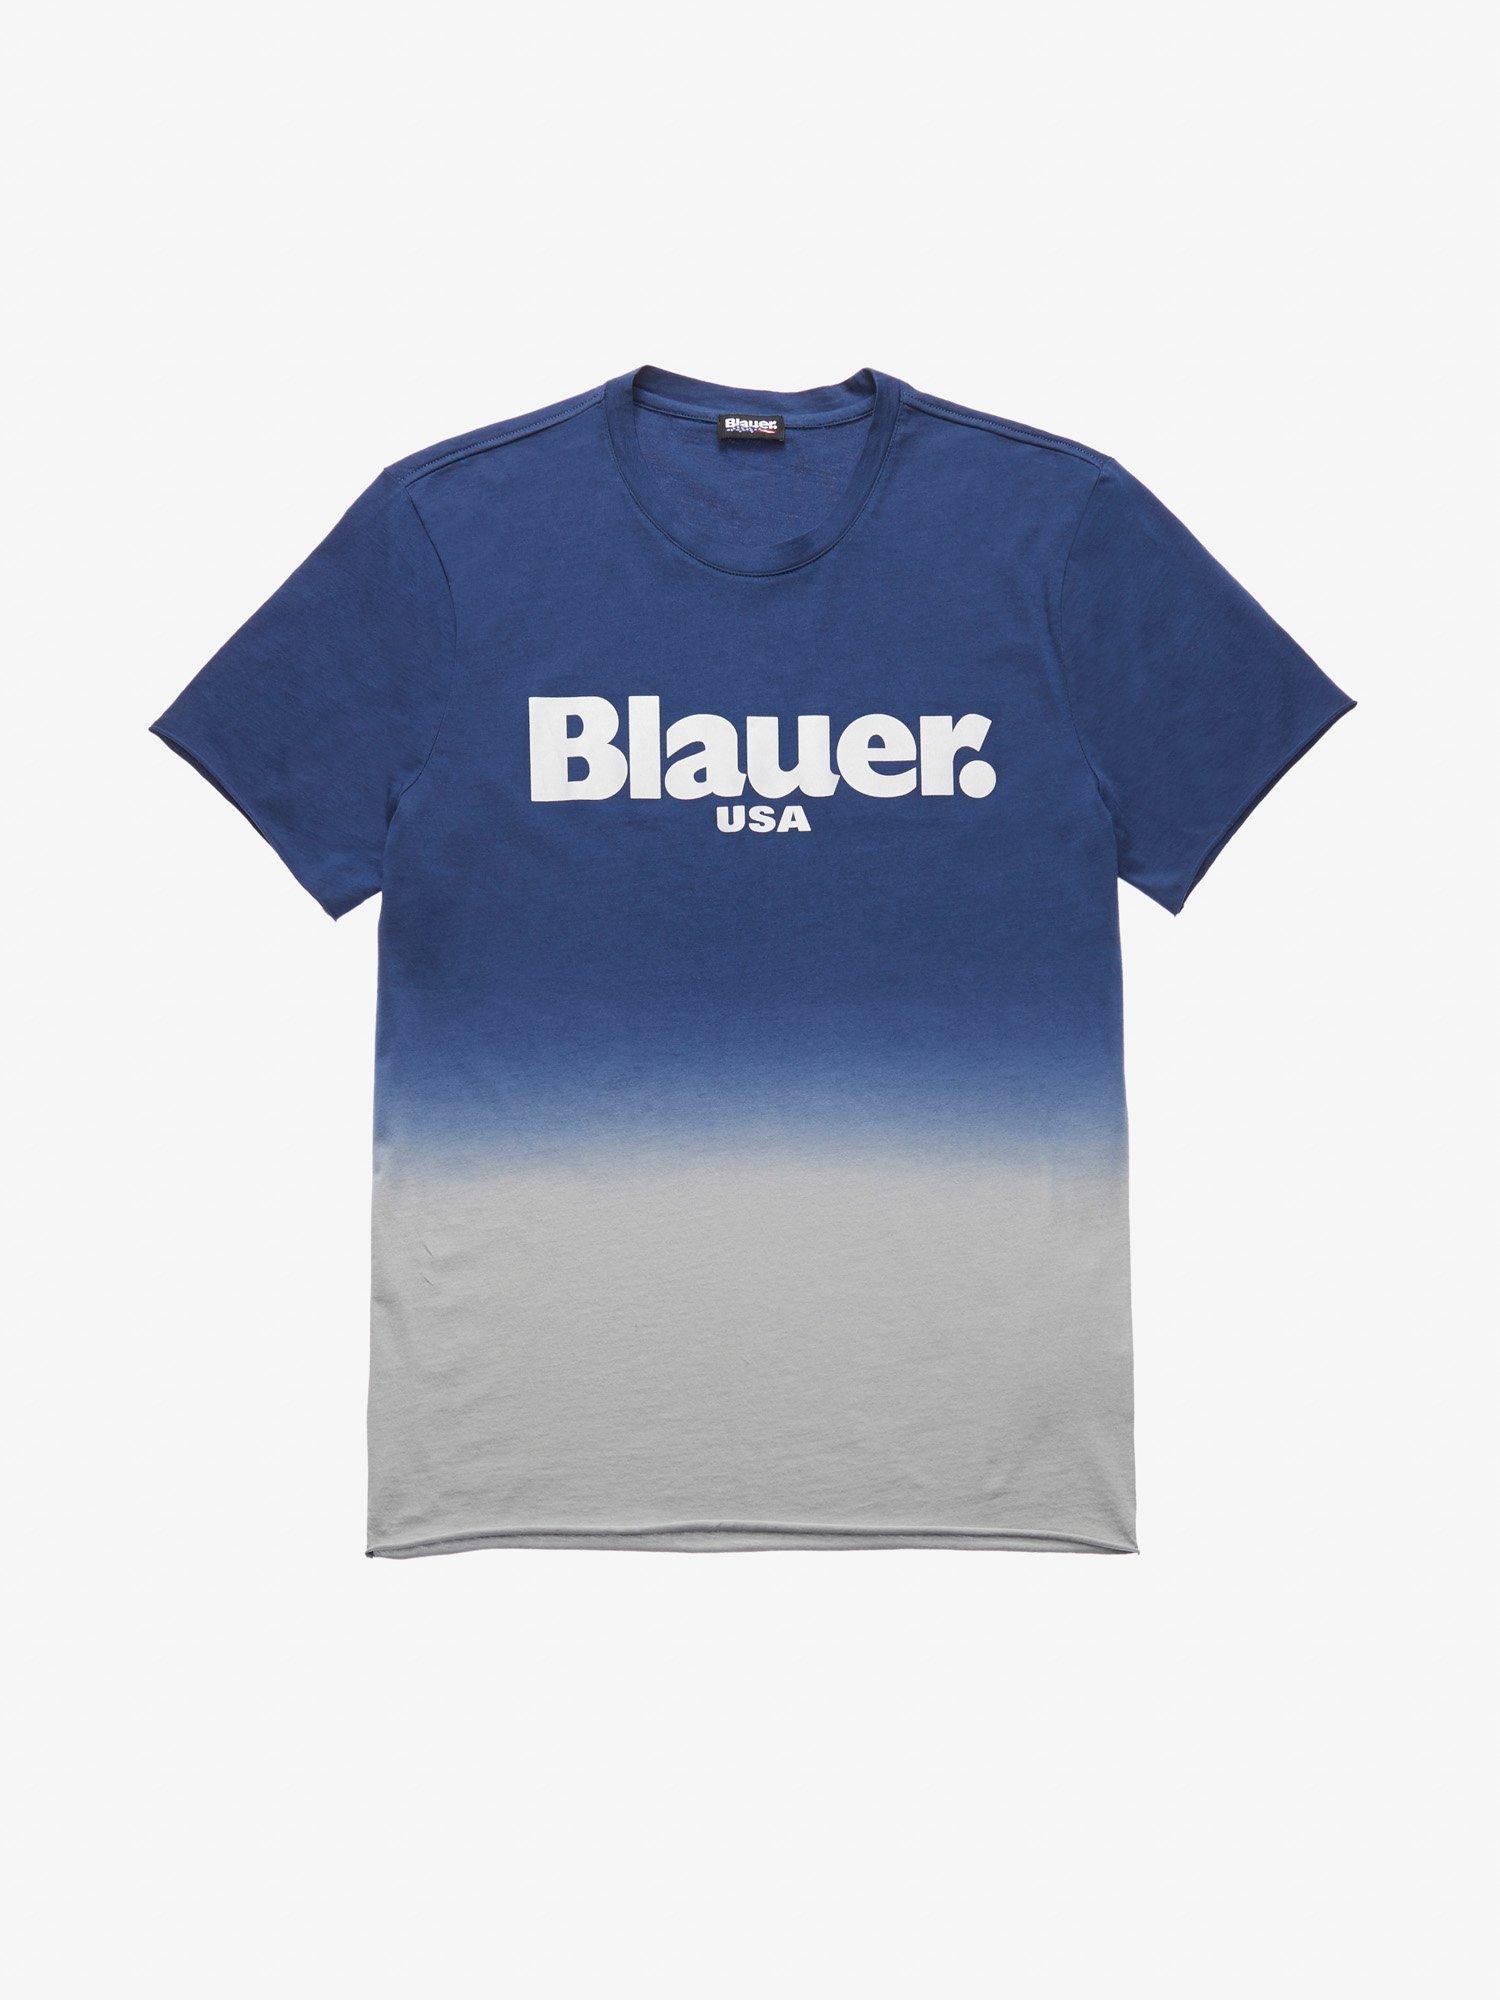 SHADED T-SHIRT - Blauer